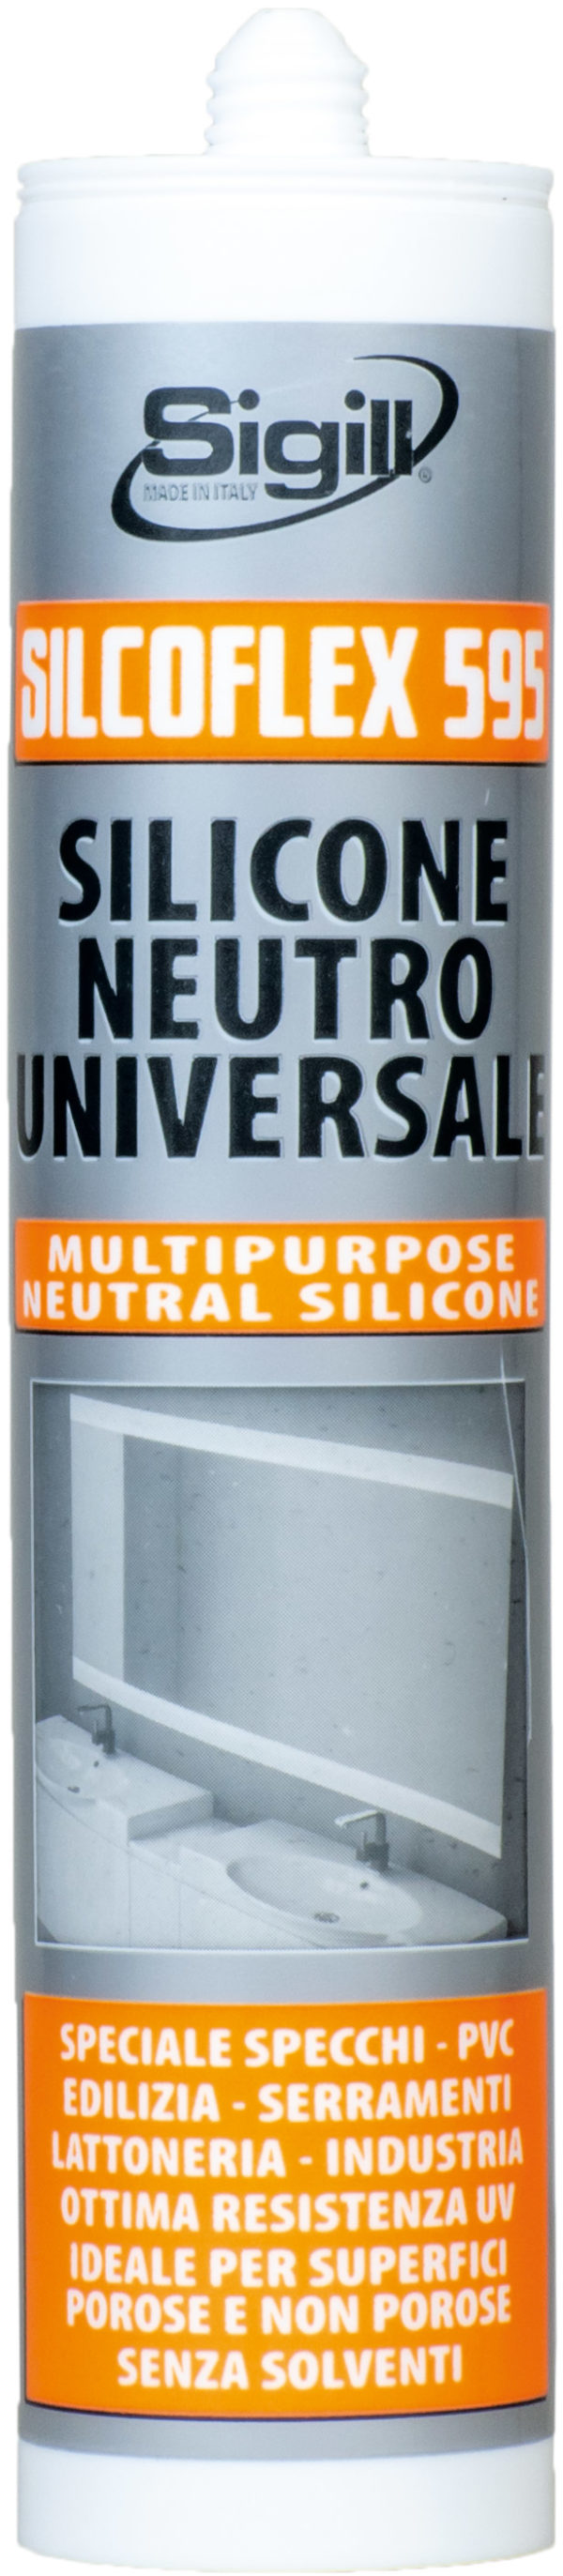 silicone, silicone neutro, silicone universale,